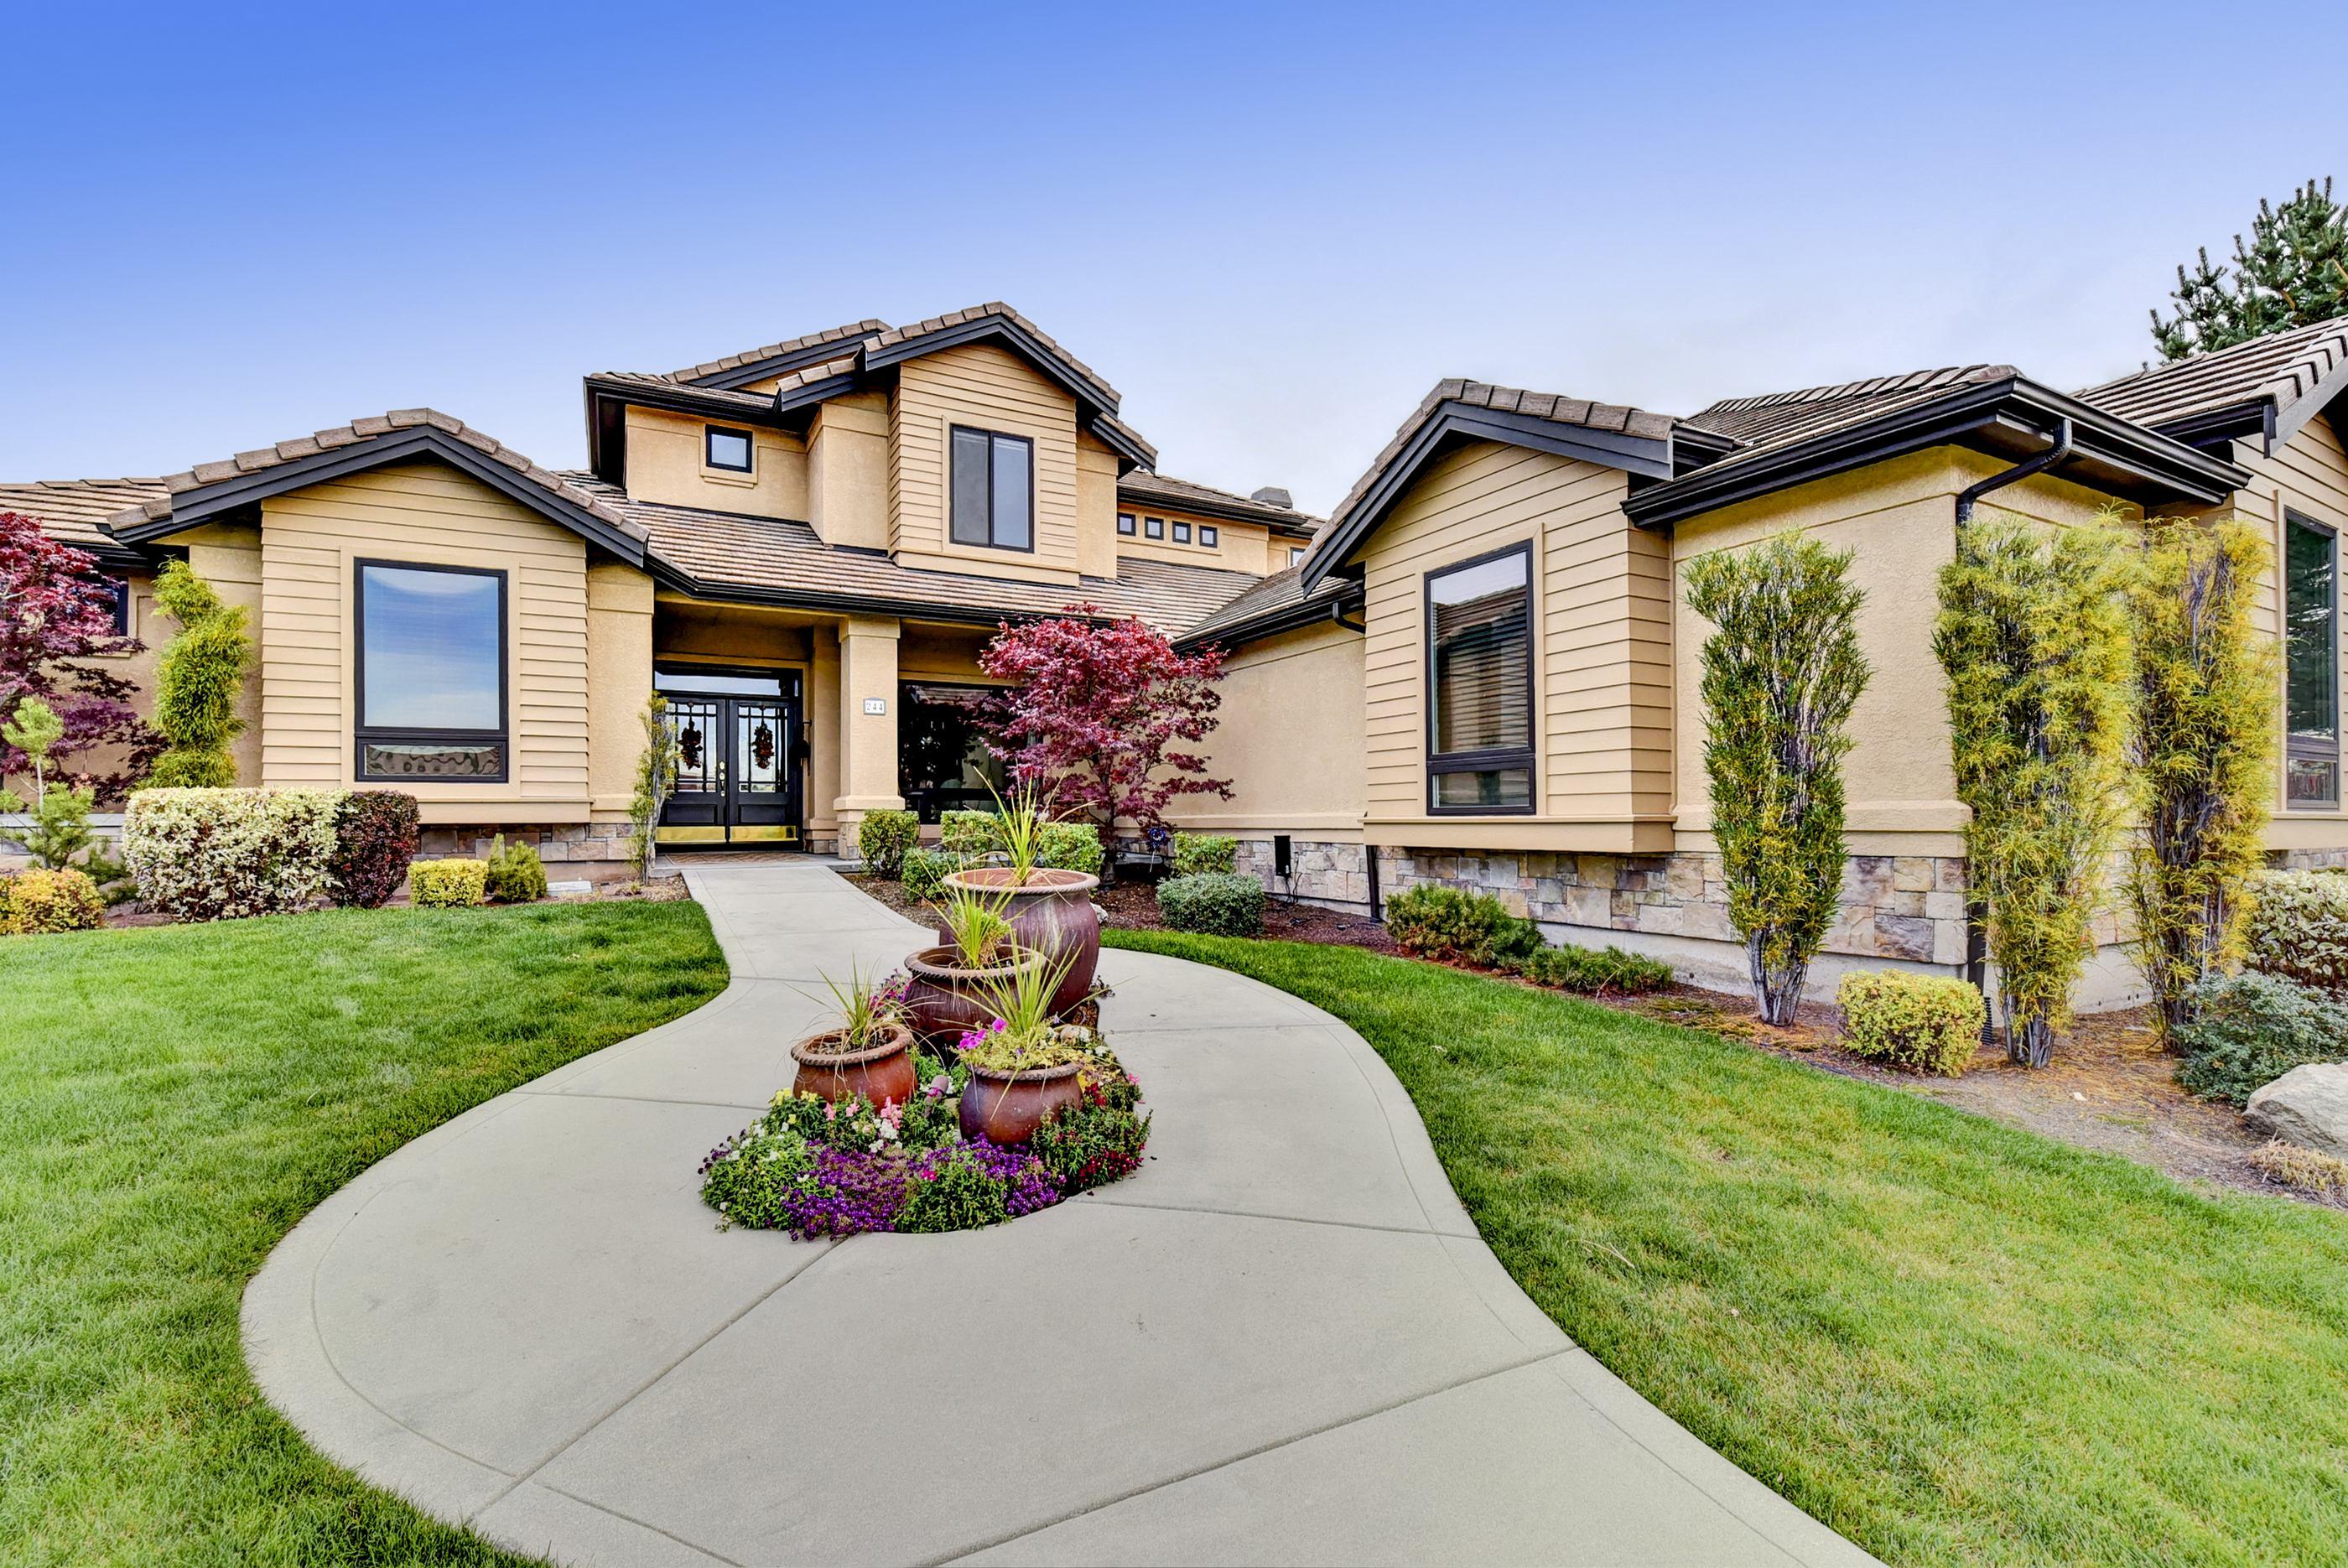 Maison unifamiliale pour l Vente à 244 Al Fresco, Boise 244 N Al Fresco Boise, Idaho, 83712 États-Unis